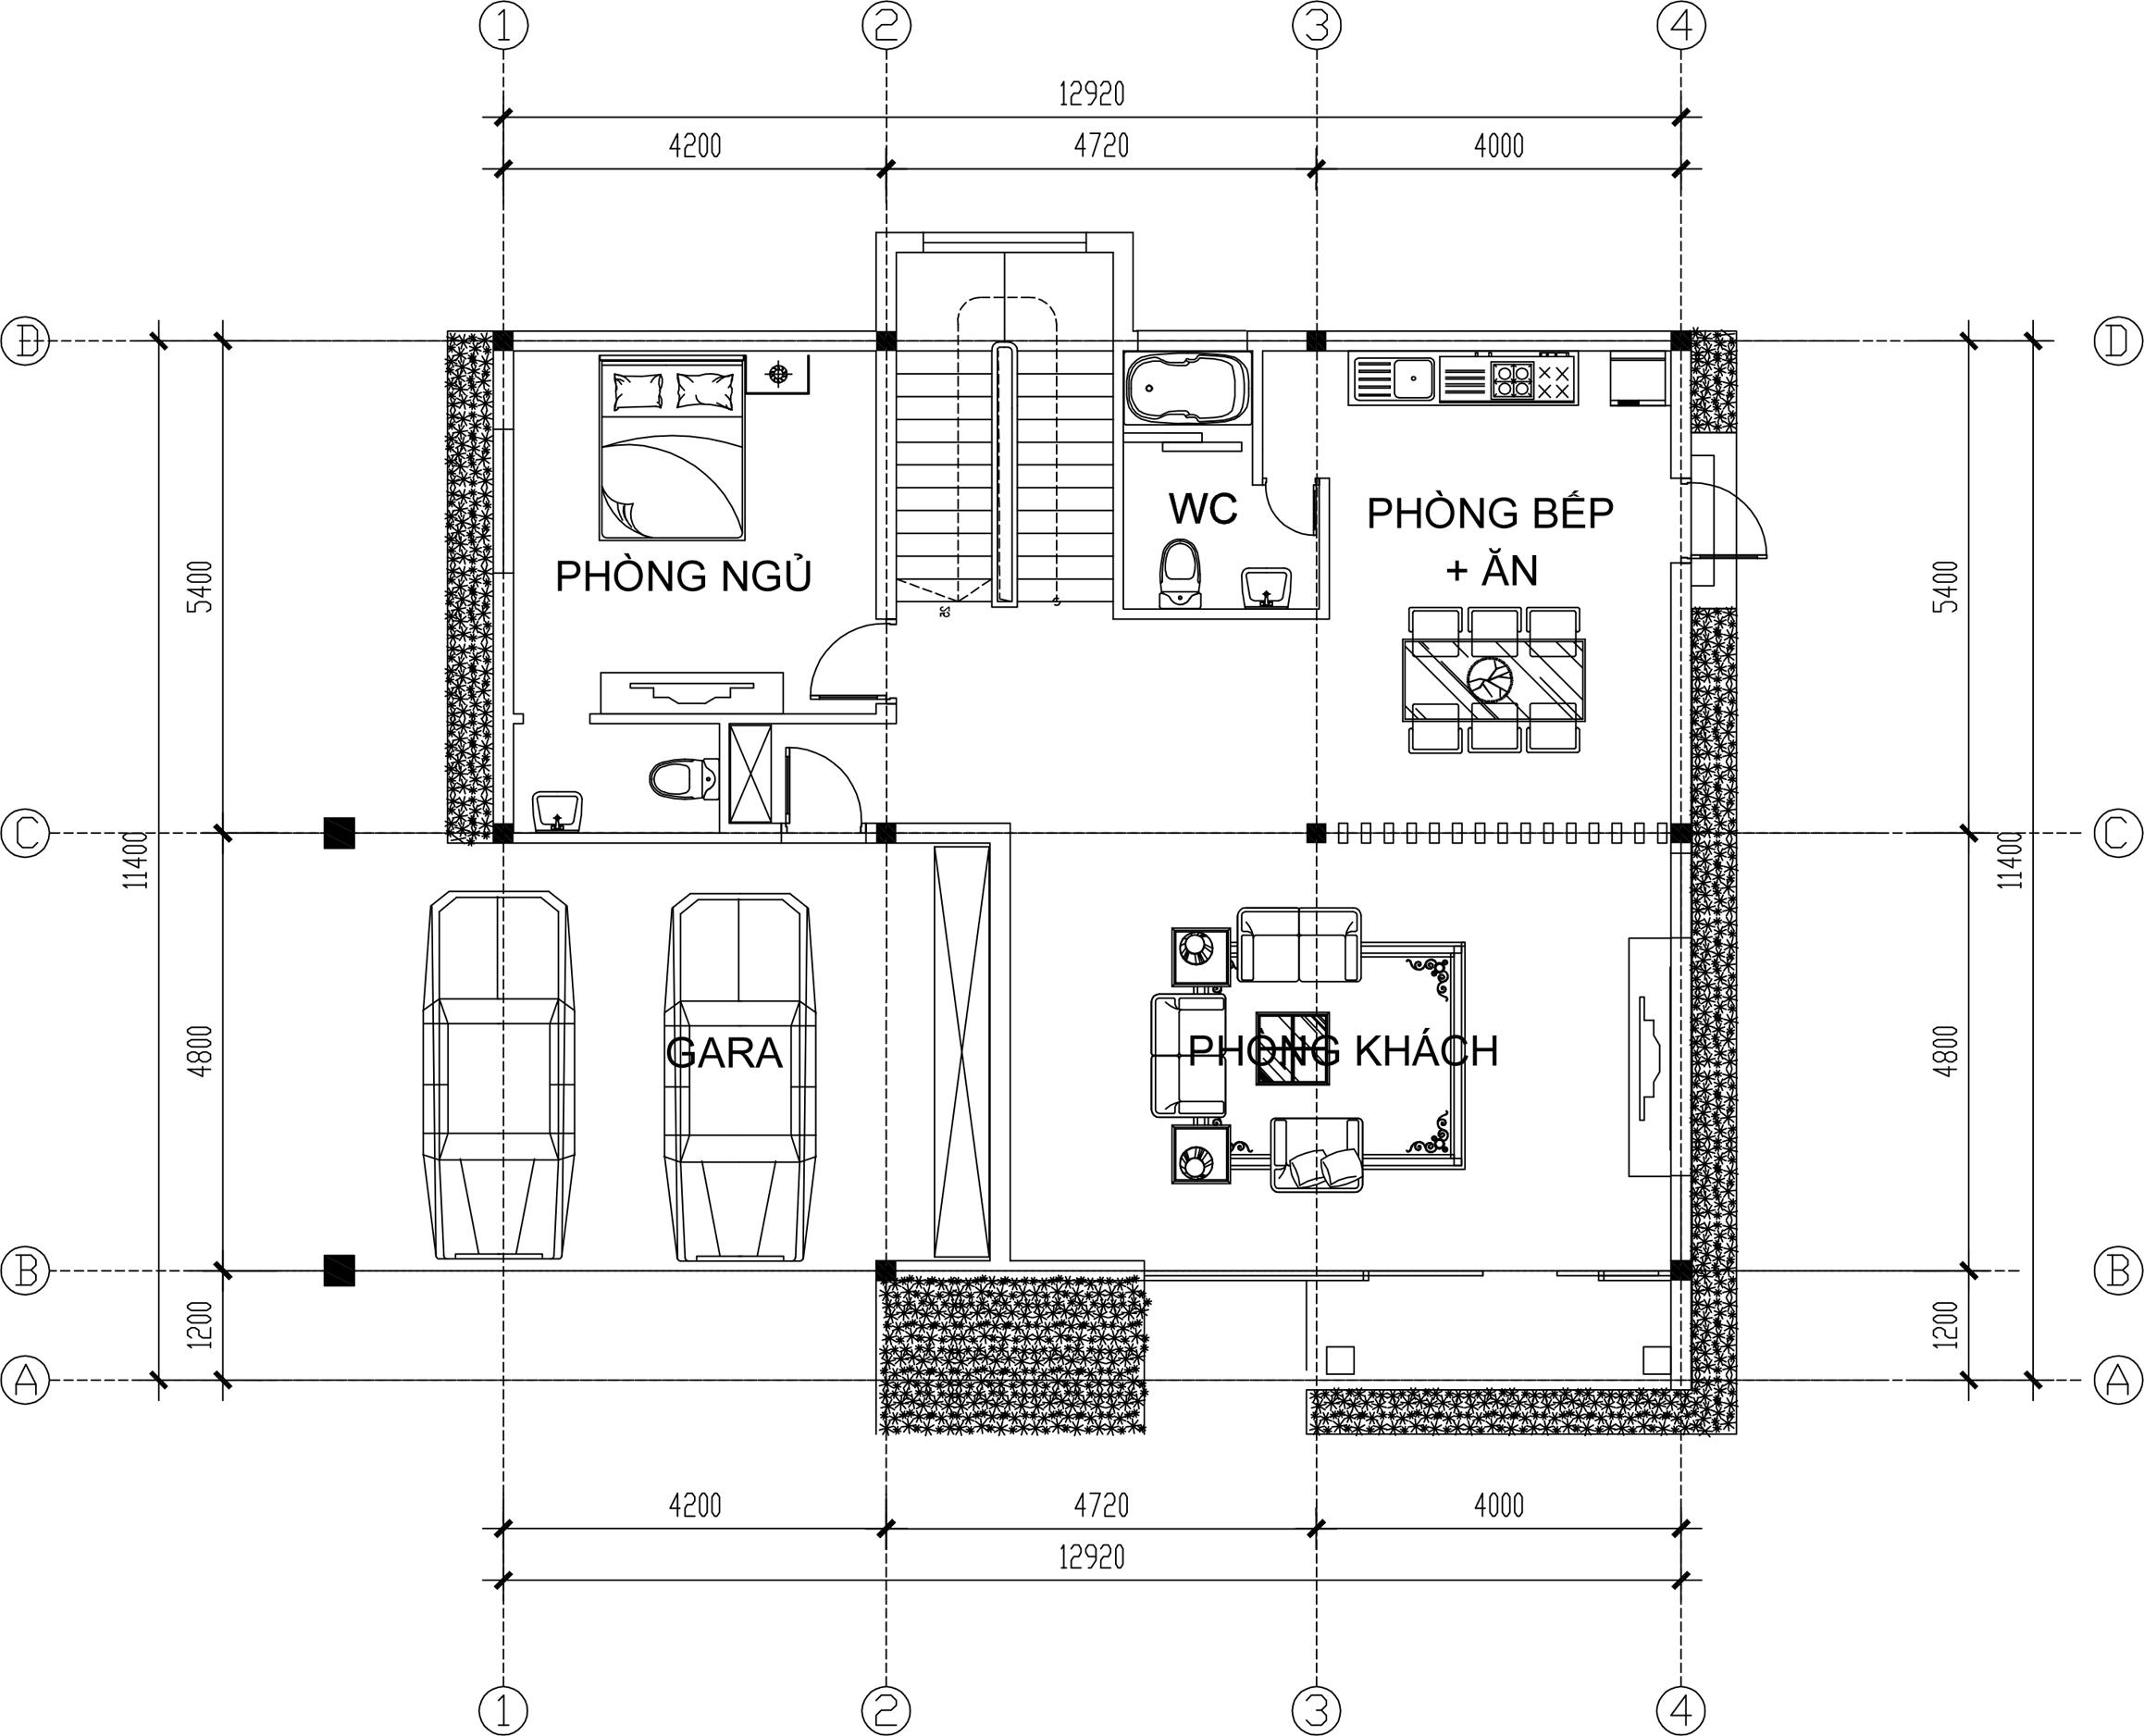 Công năng tầng 1 - Biệt thự đẹp 2 tầng 13x11,5m tân cổ điển